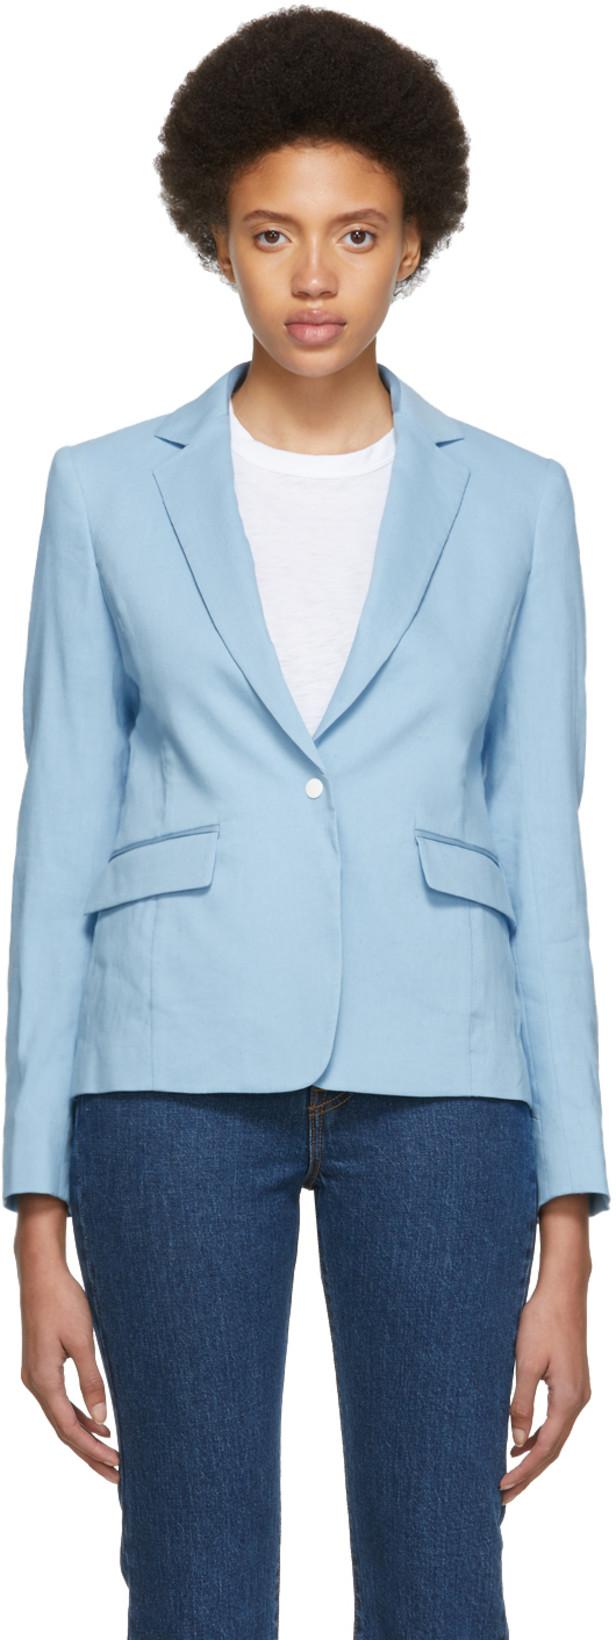 https://www.ssense.com/en-ca/women/product/rag-and-bone/blue-lucy-blazer-/3915141